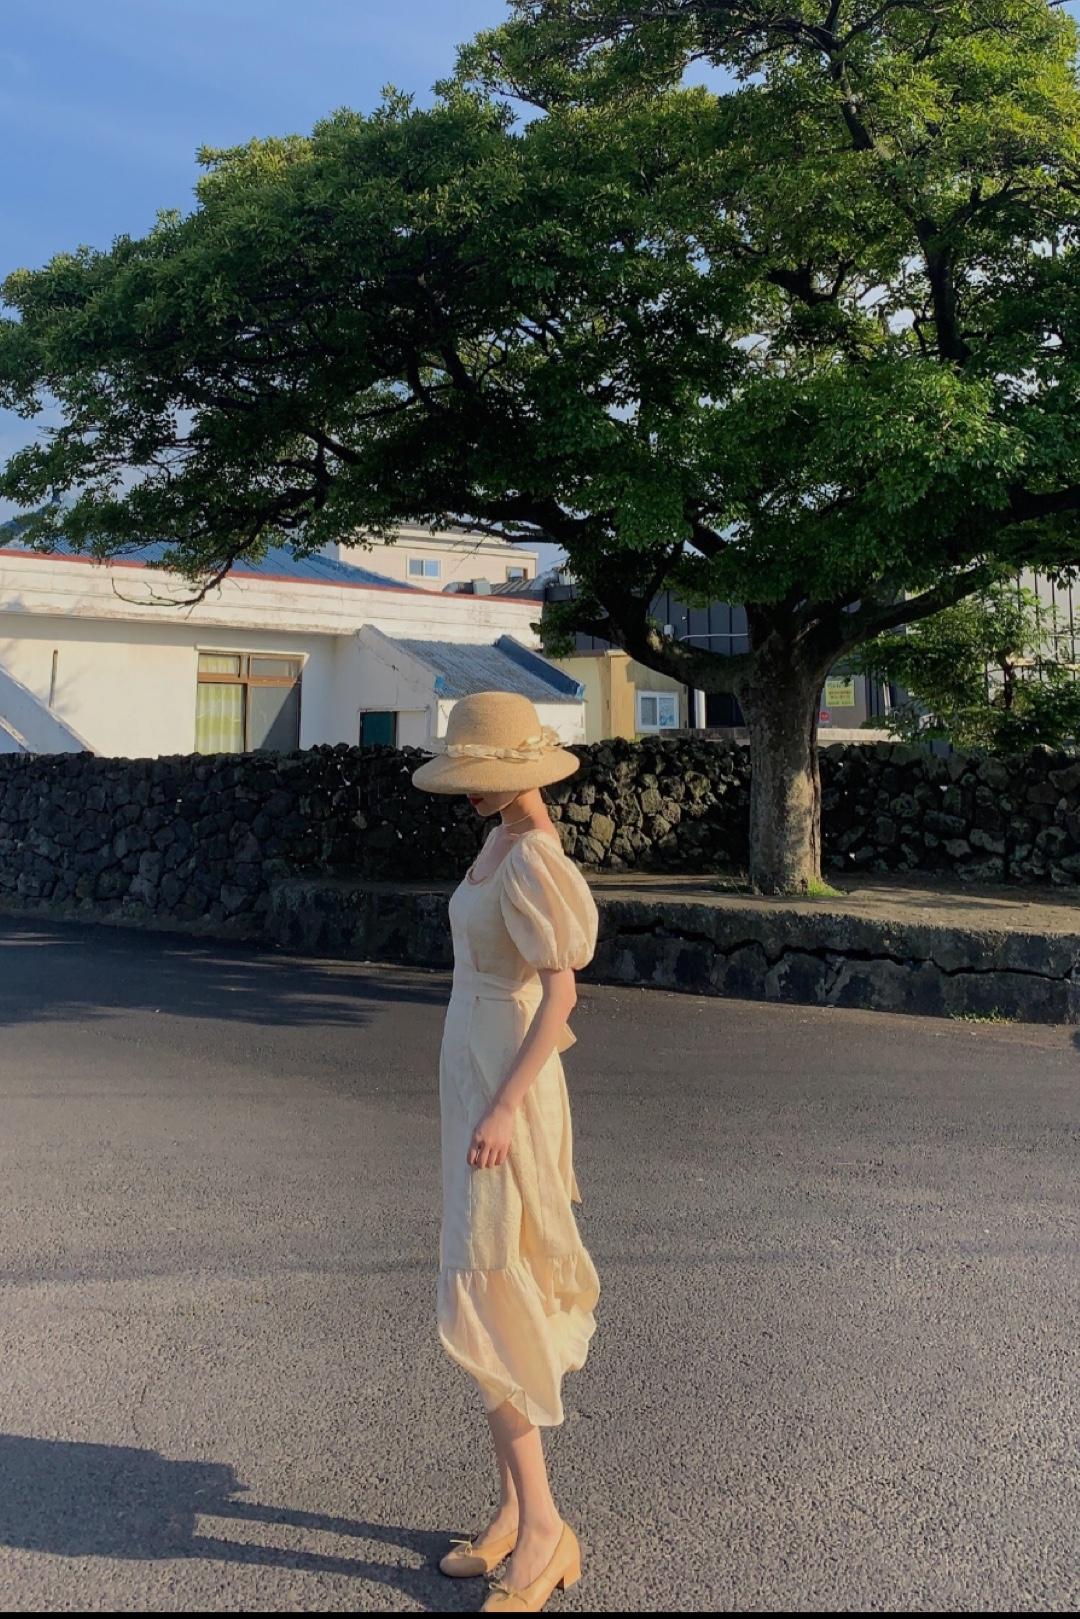 超仙气的裙子搭配❤️ 分享给仙女们#暑假逆袭女神就靠它!#